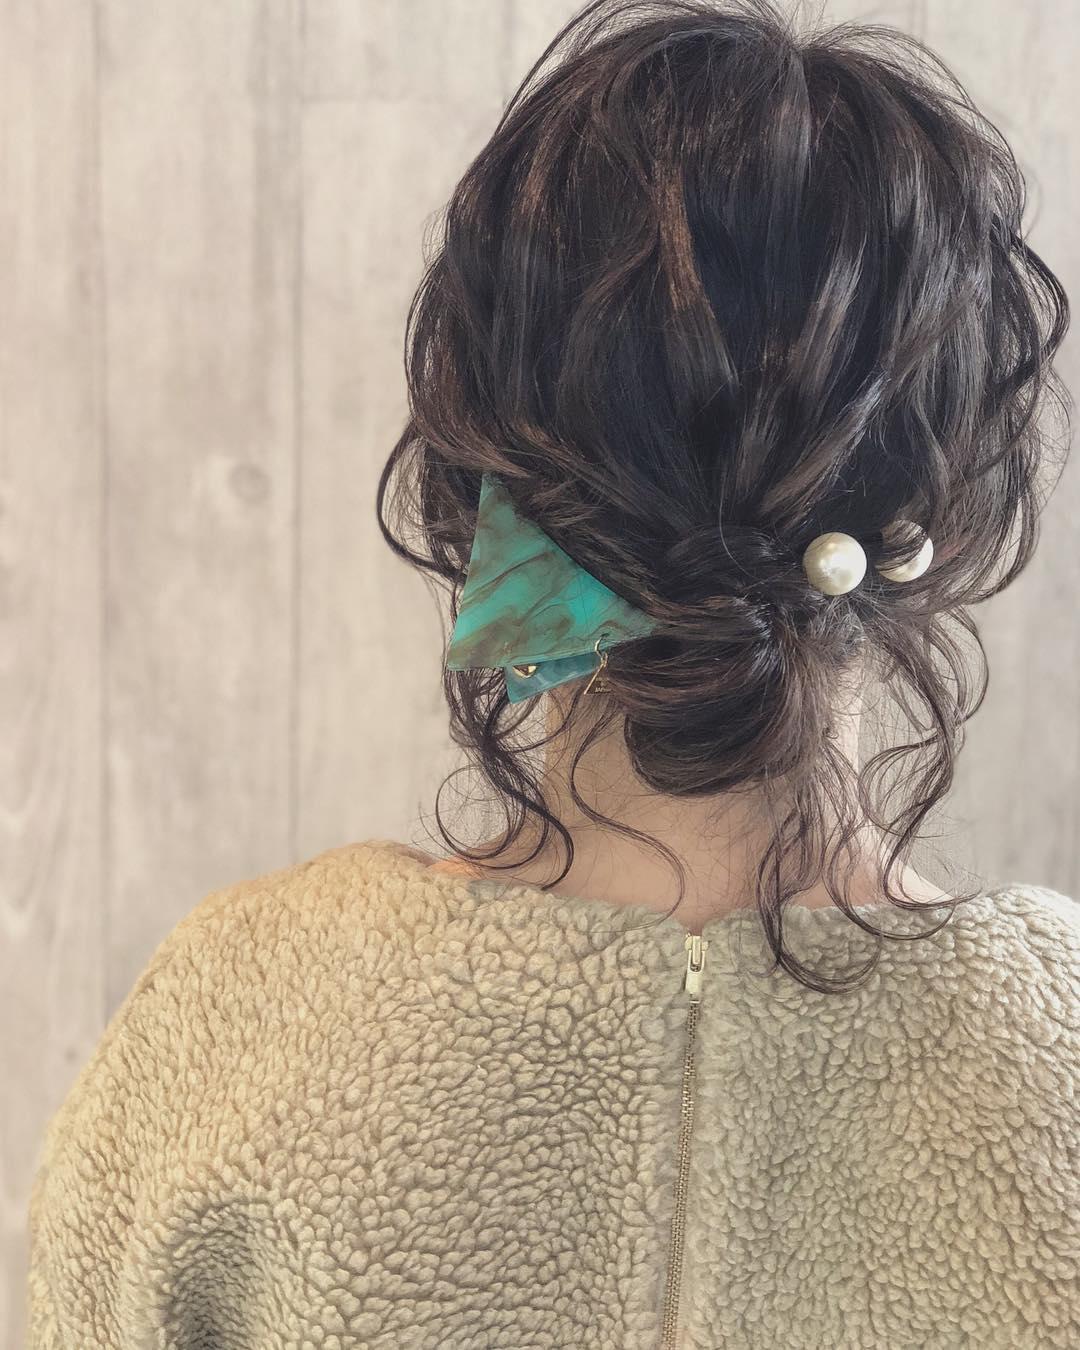 キラキラパールが冬っぽくてカワイイ♡パールのヘアアクセに似合うヘアアレンジ3